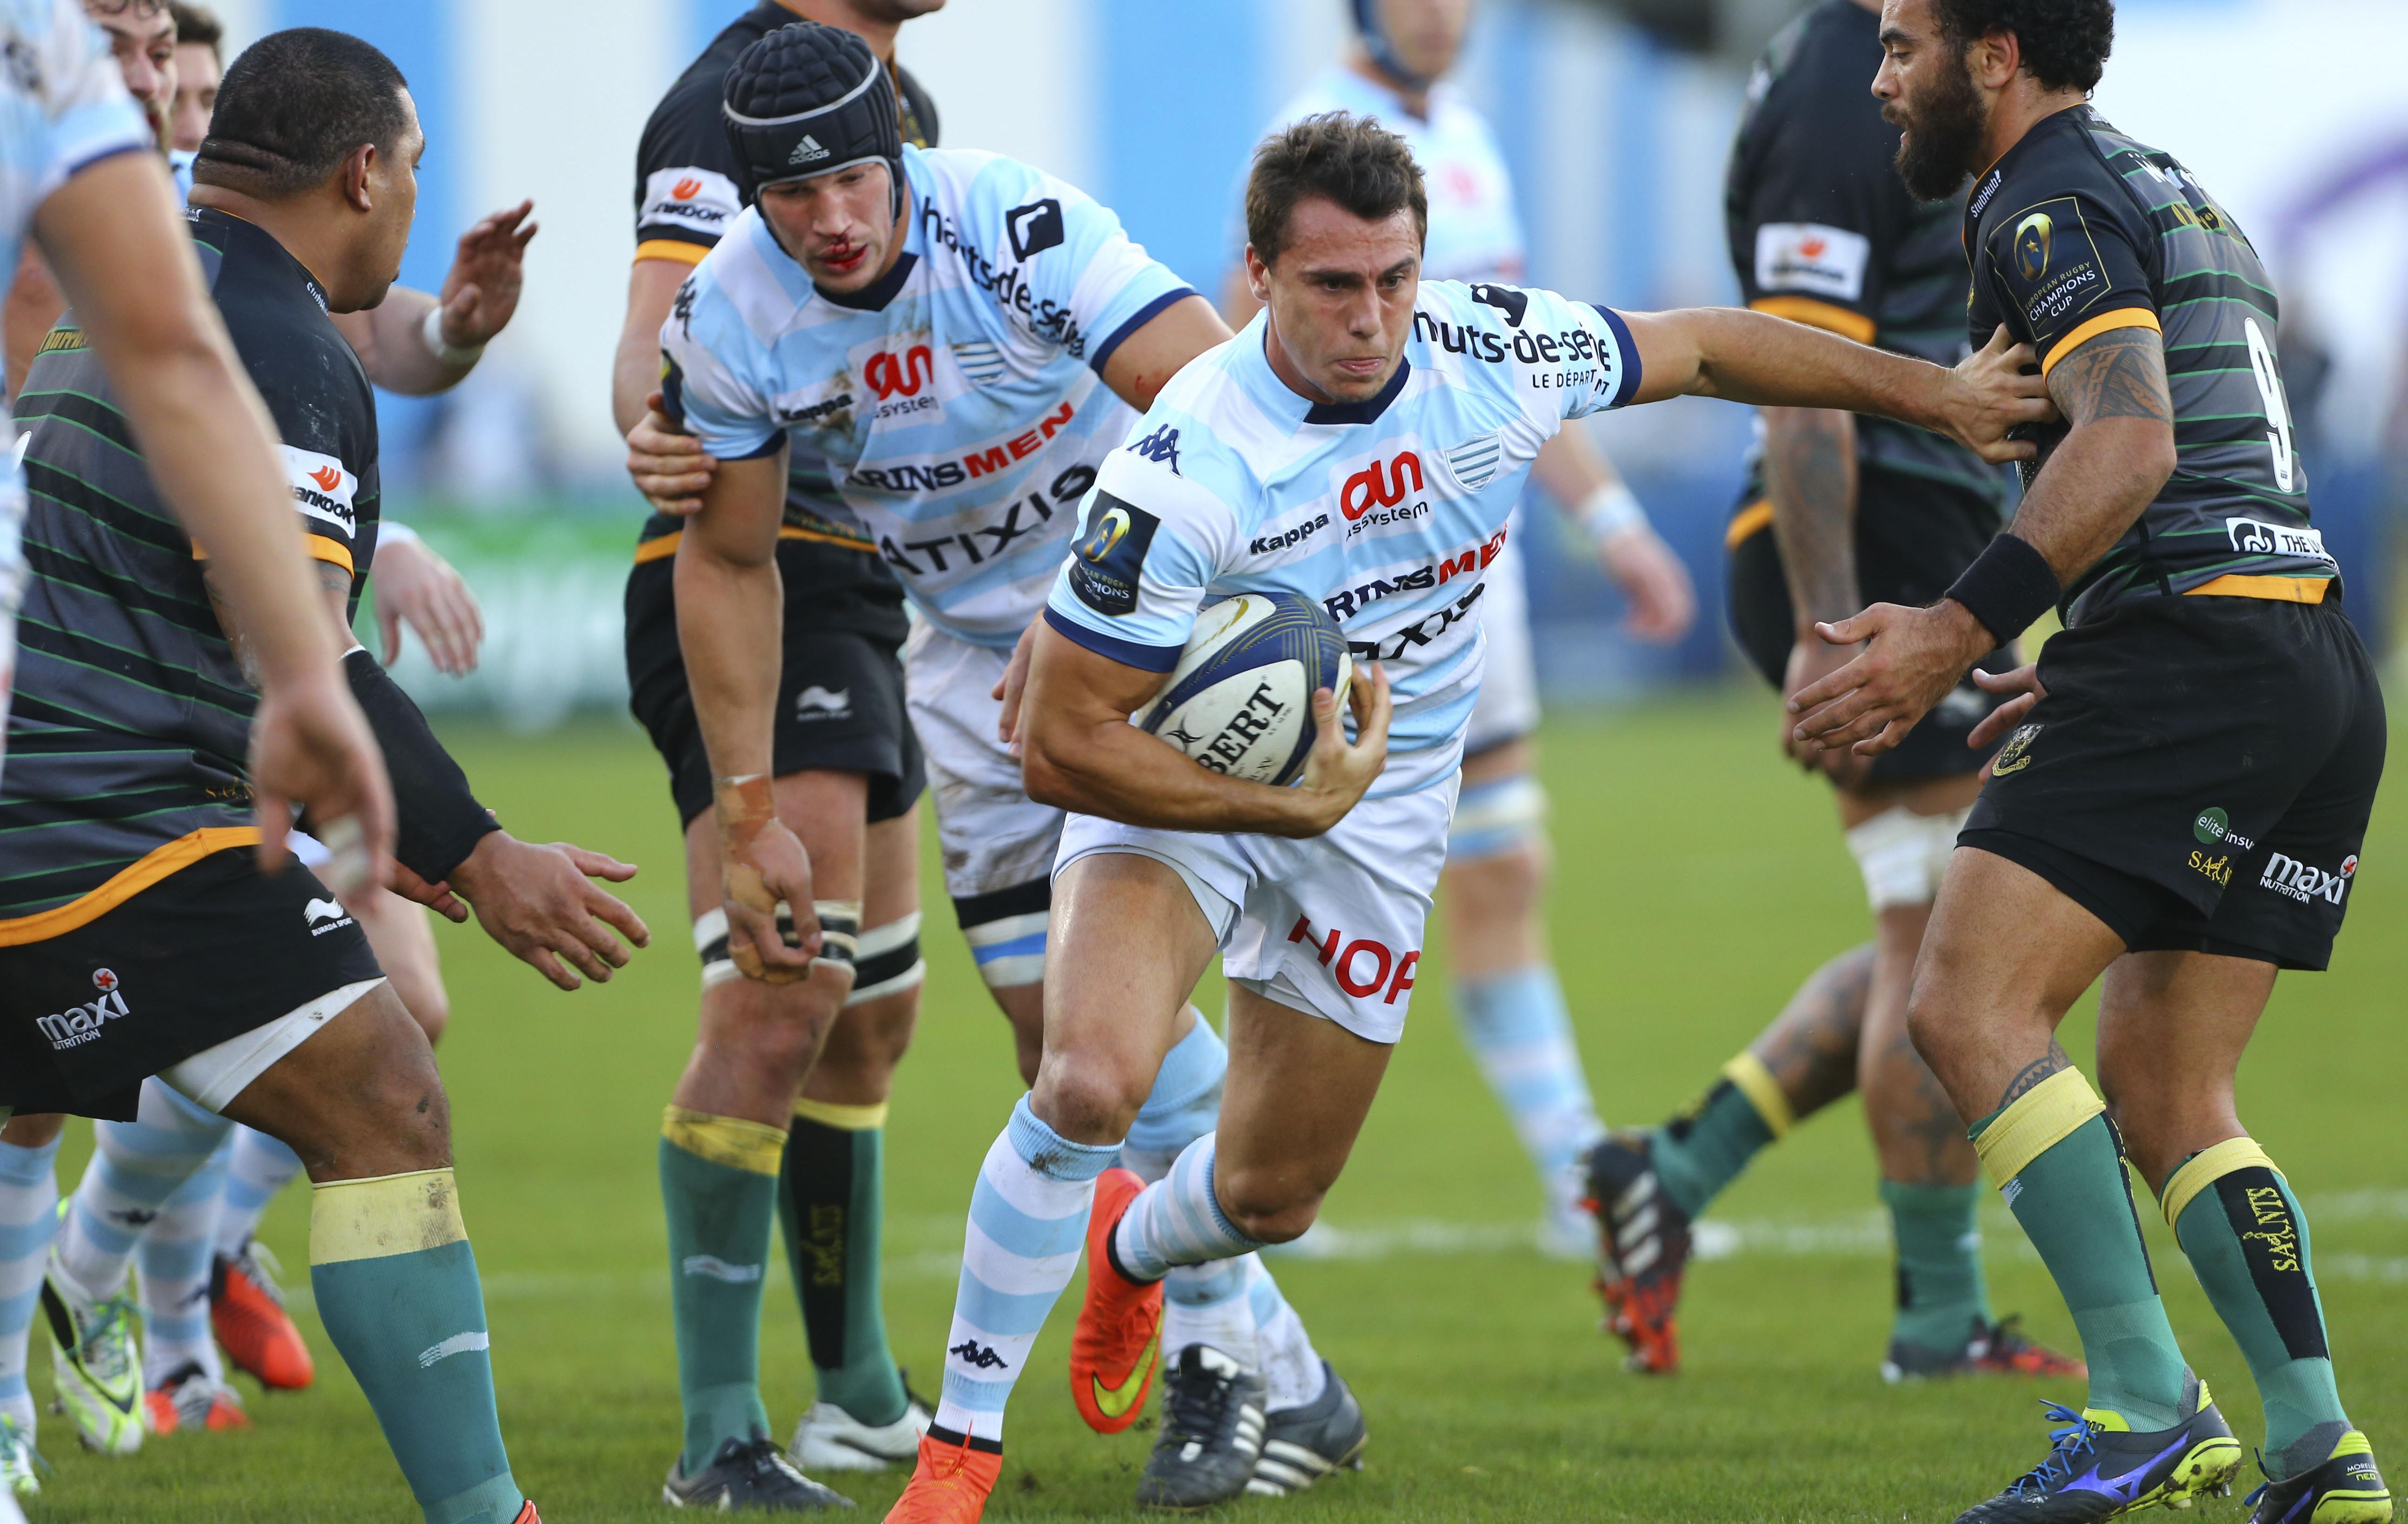 Rugby - Coupe d'Europe - Au tour du Racing de tomber dans le piège italien ?